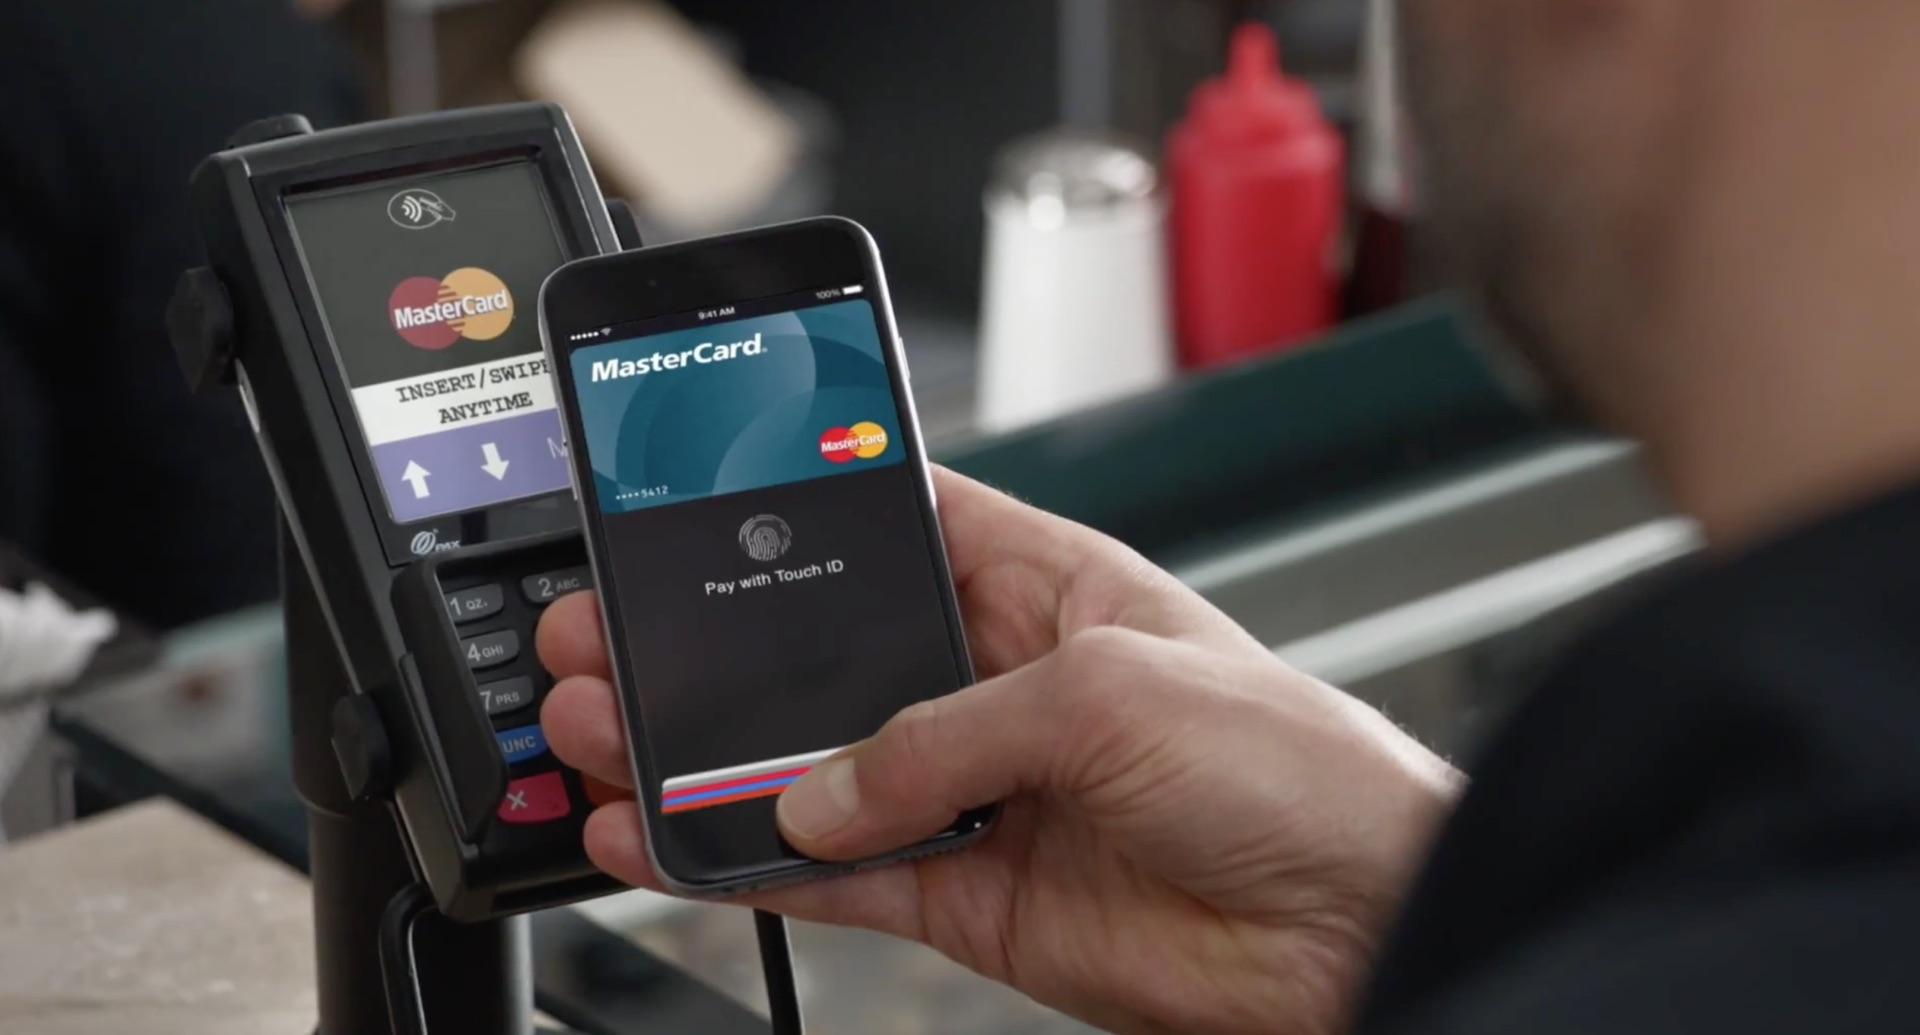 Tarjetas de crédito con Touch ID, ¿avance en seguridad?